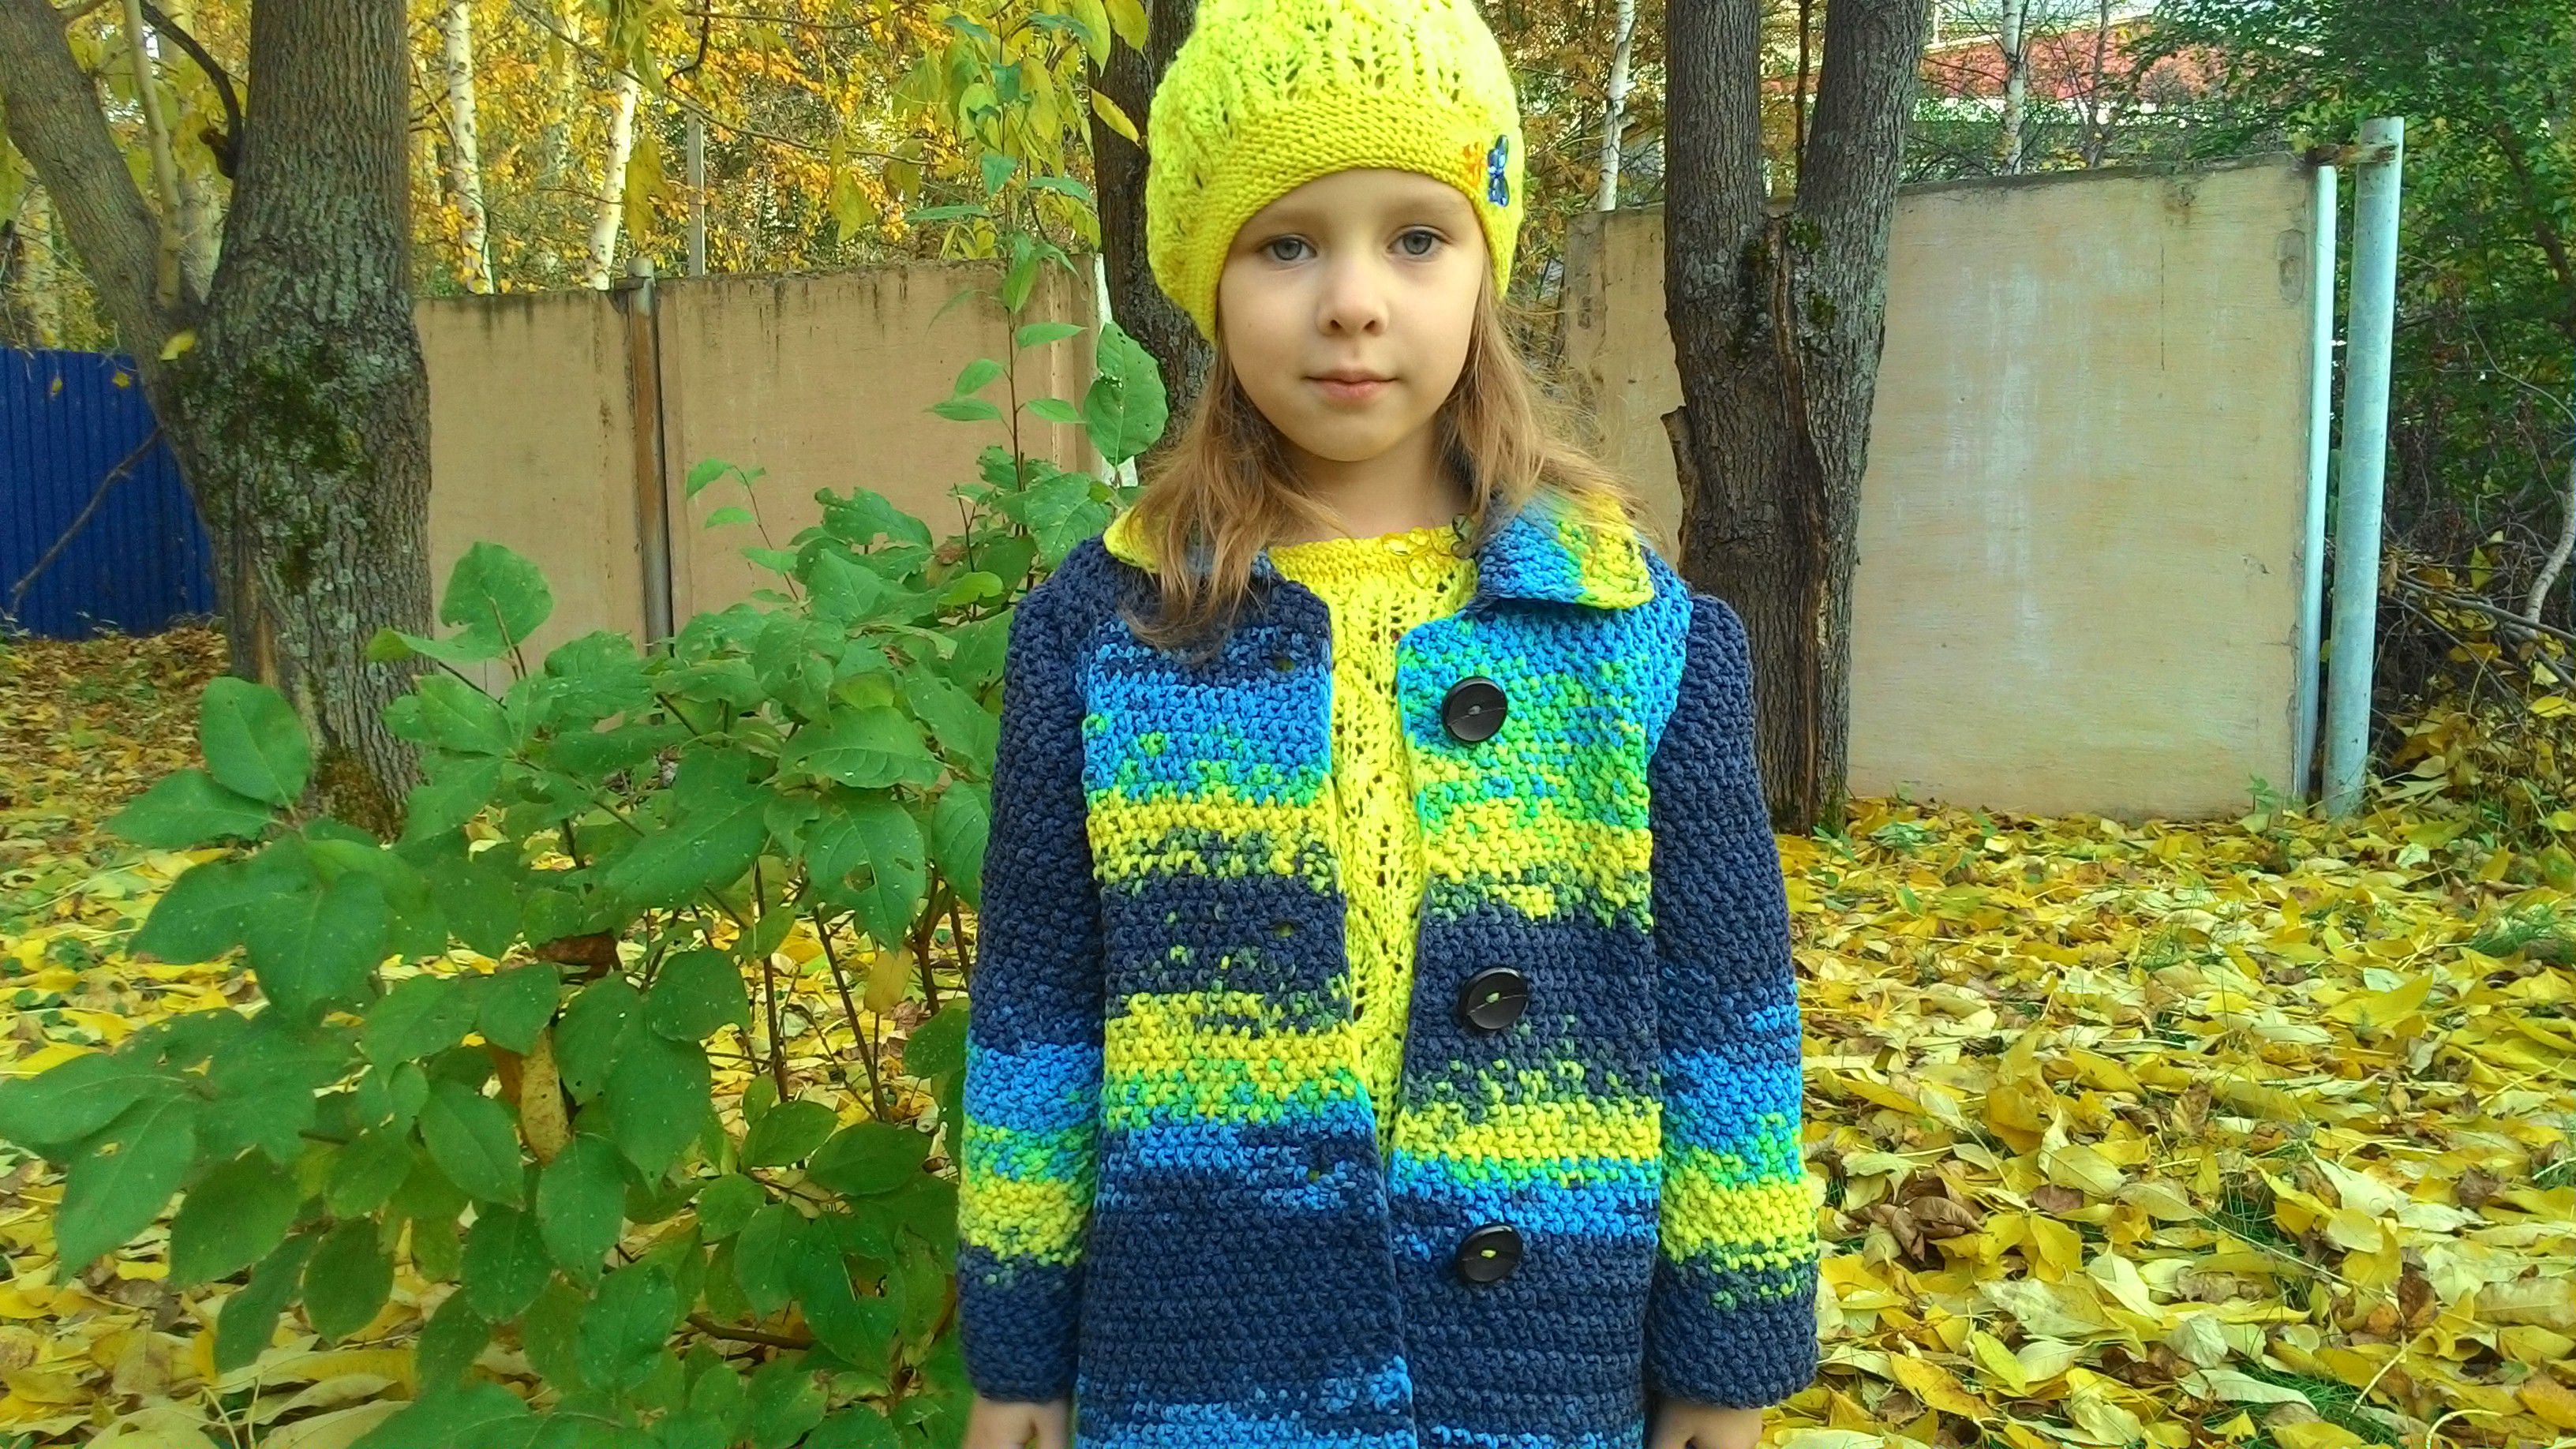 спицами осенний девочек яркое осеннее детское одежда детская пальто вязание для детский кардиган яркий